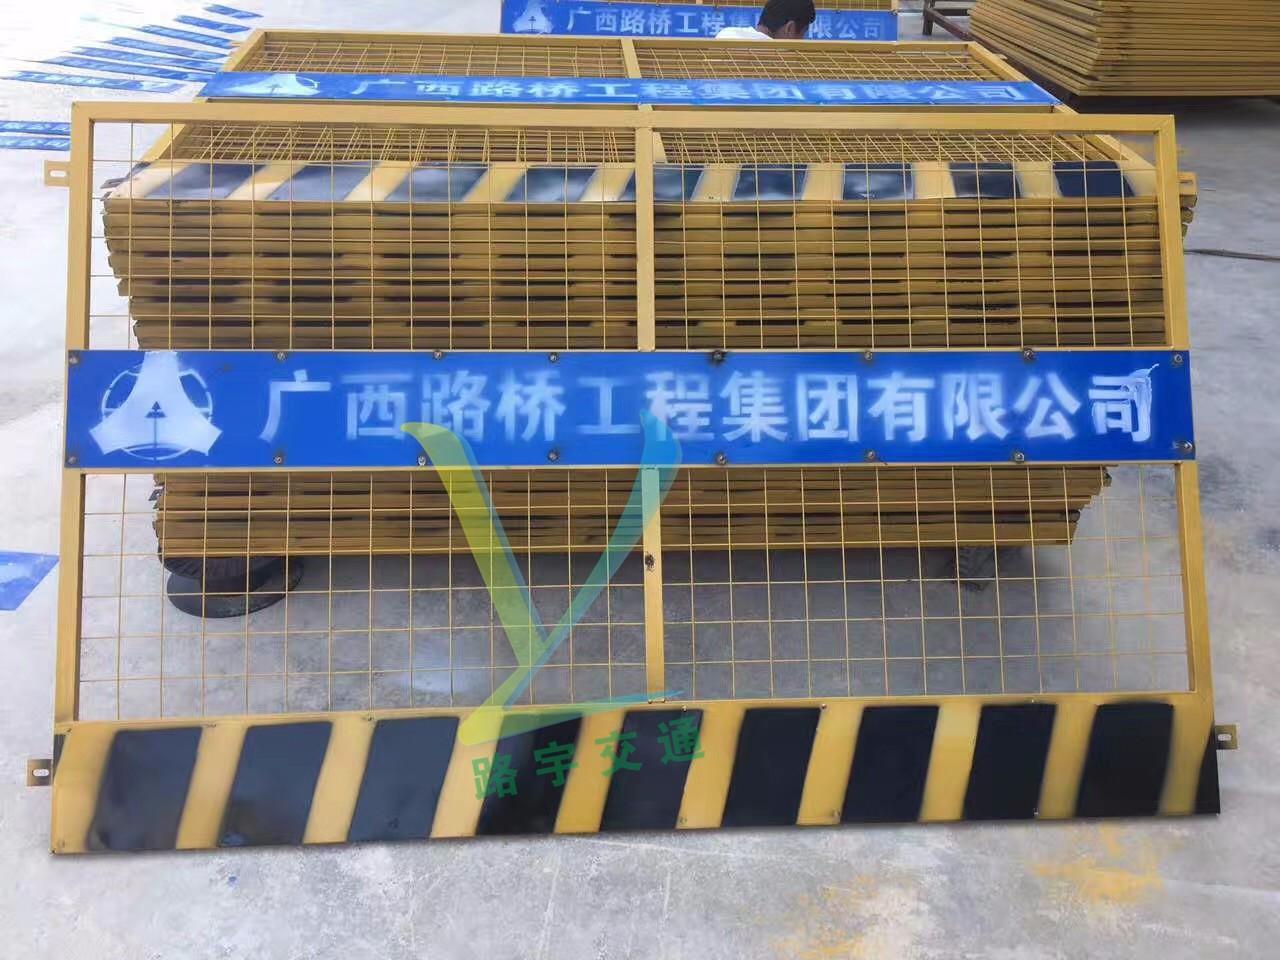 道路交通护栏,广西护栏网批发厂家 钢护栏;隔离栅-广西南宁市路宇交通科技有限公司